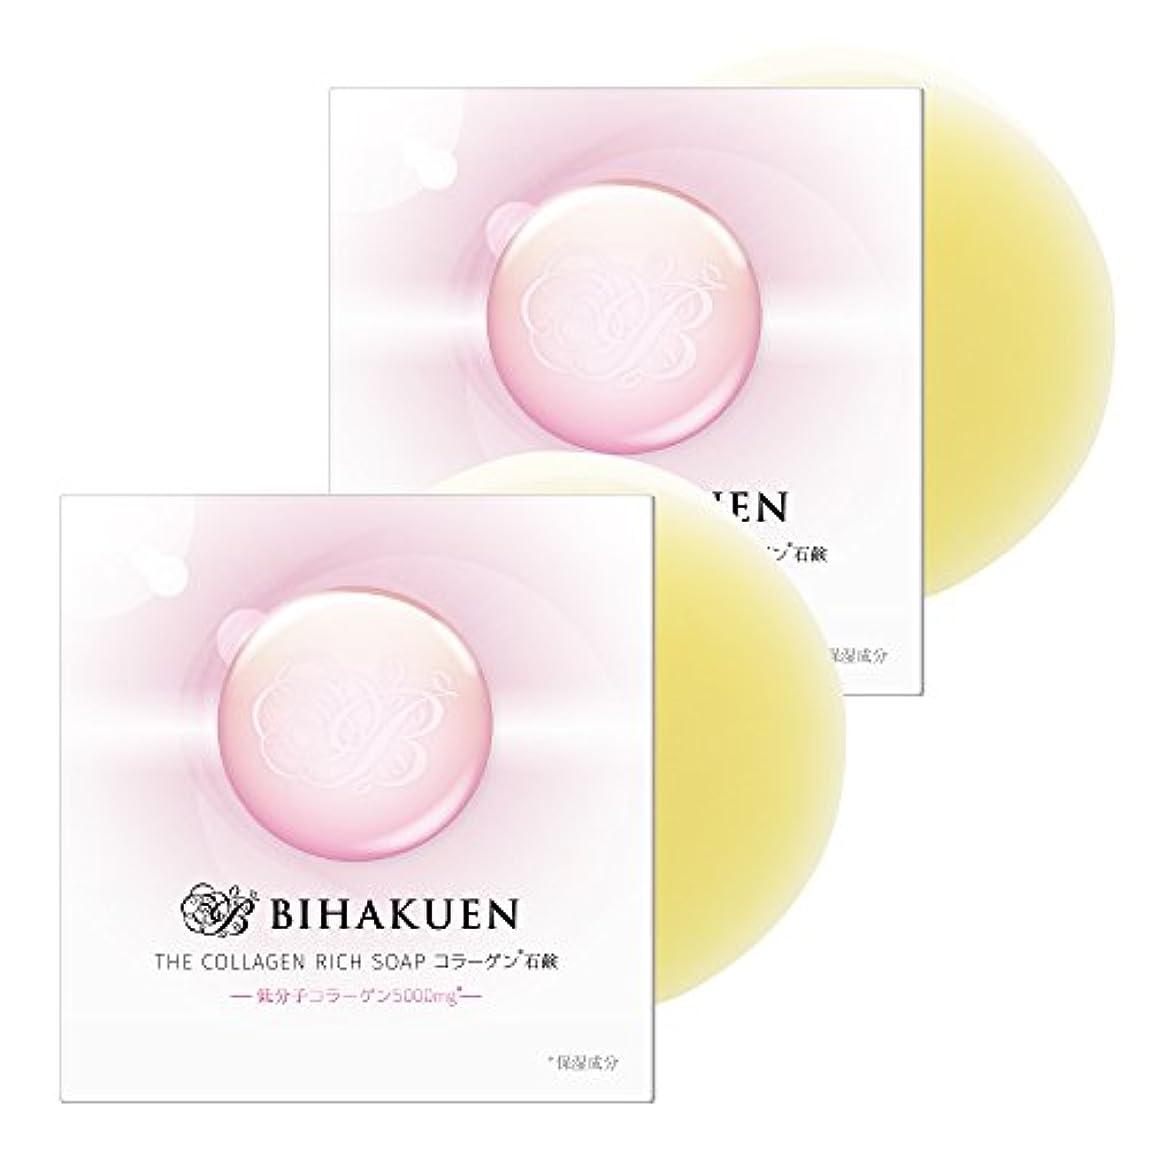 高度な意識的ガス【2個セット】(BIHAKUEN)コラーゲン石鹸100g (2個)